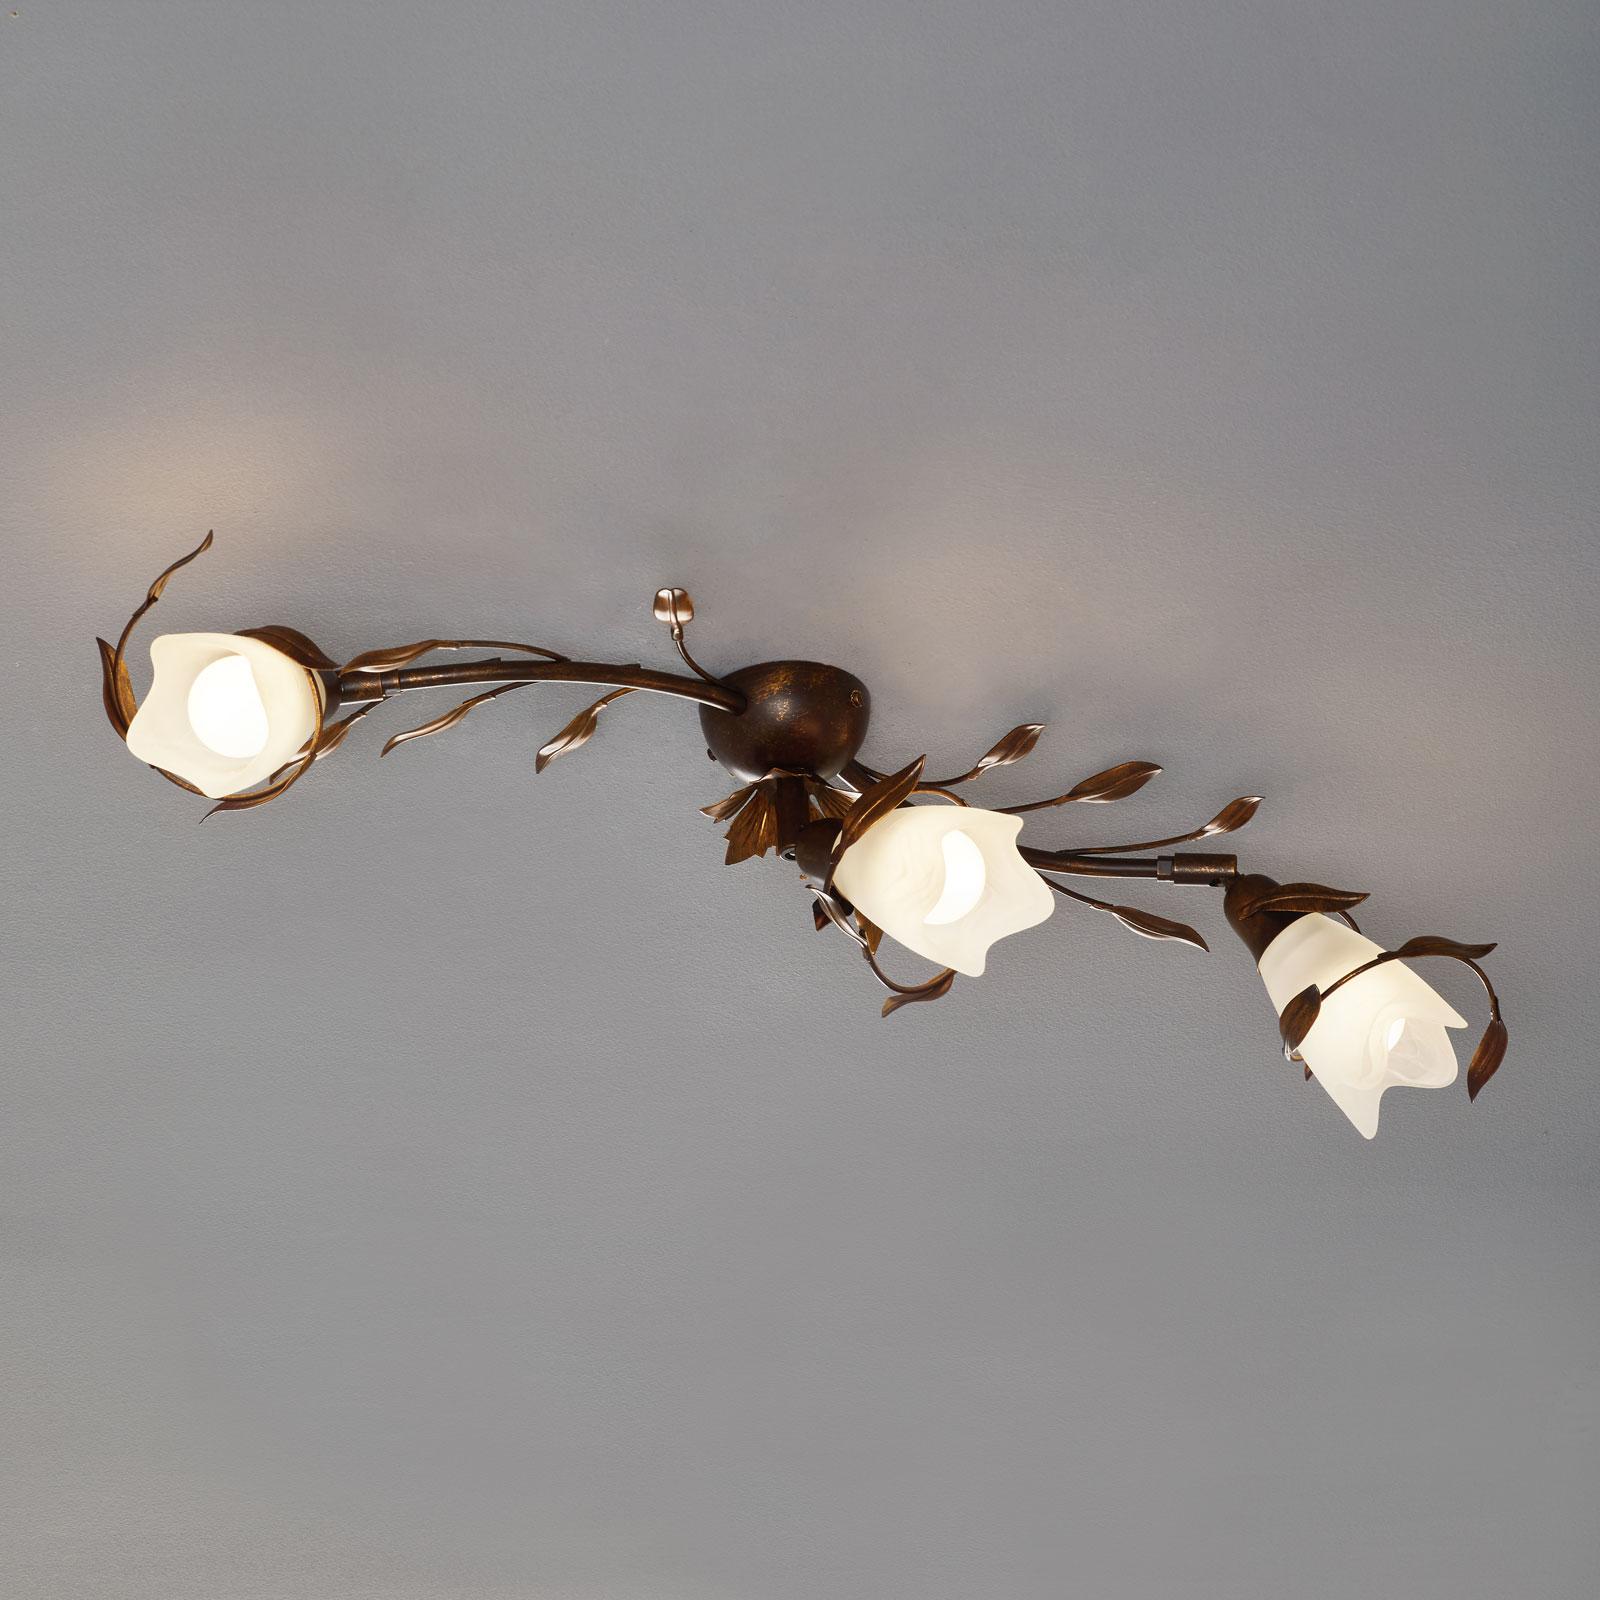 CAMPANA loftlampe med 3 lyskilder